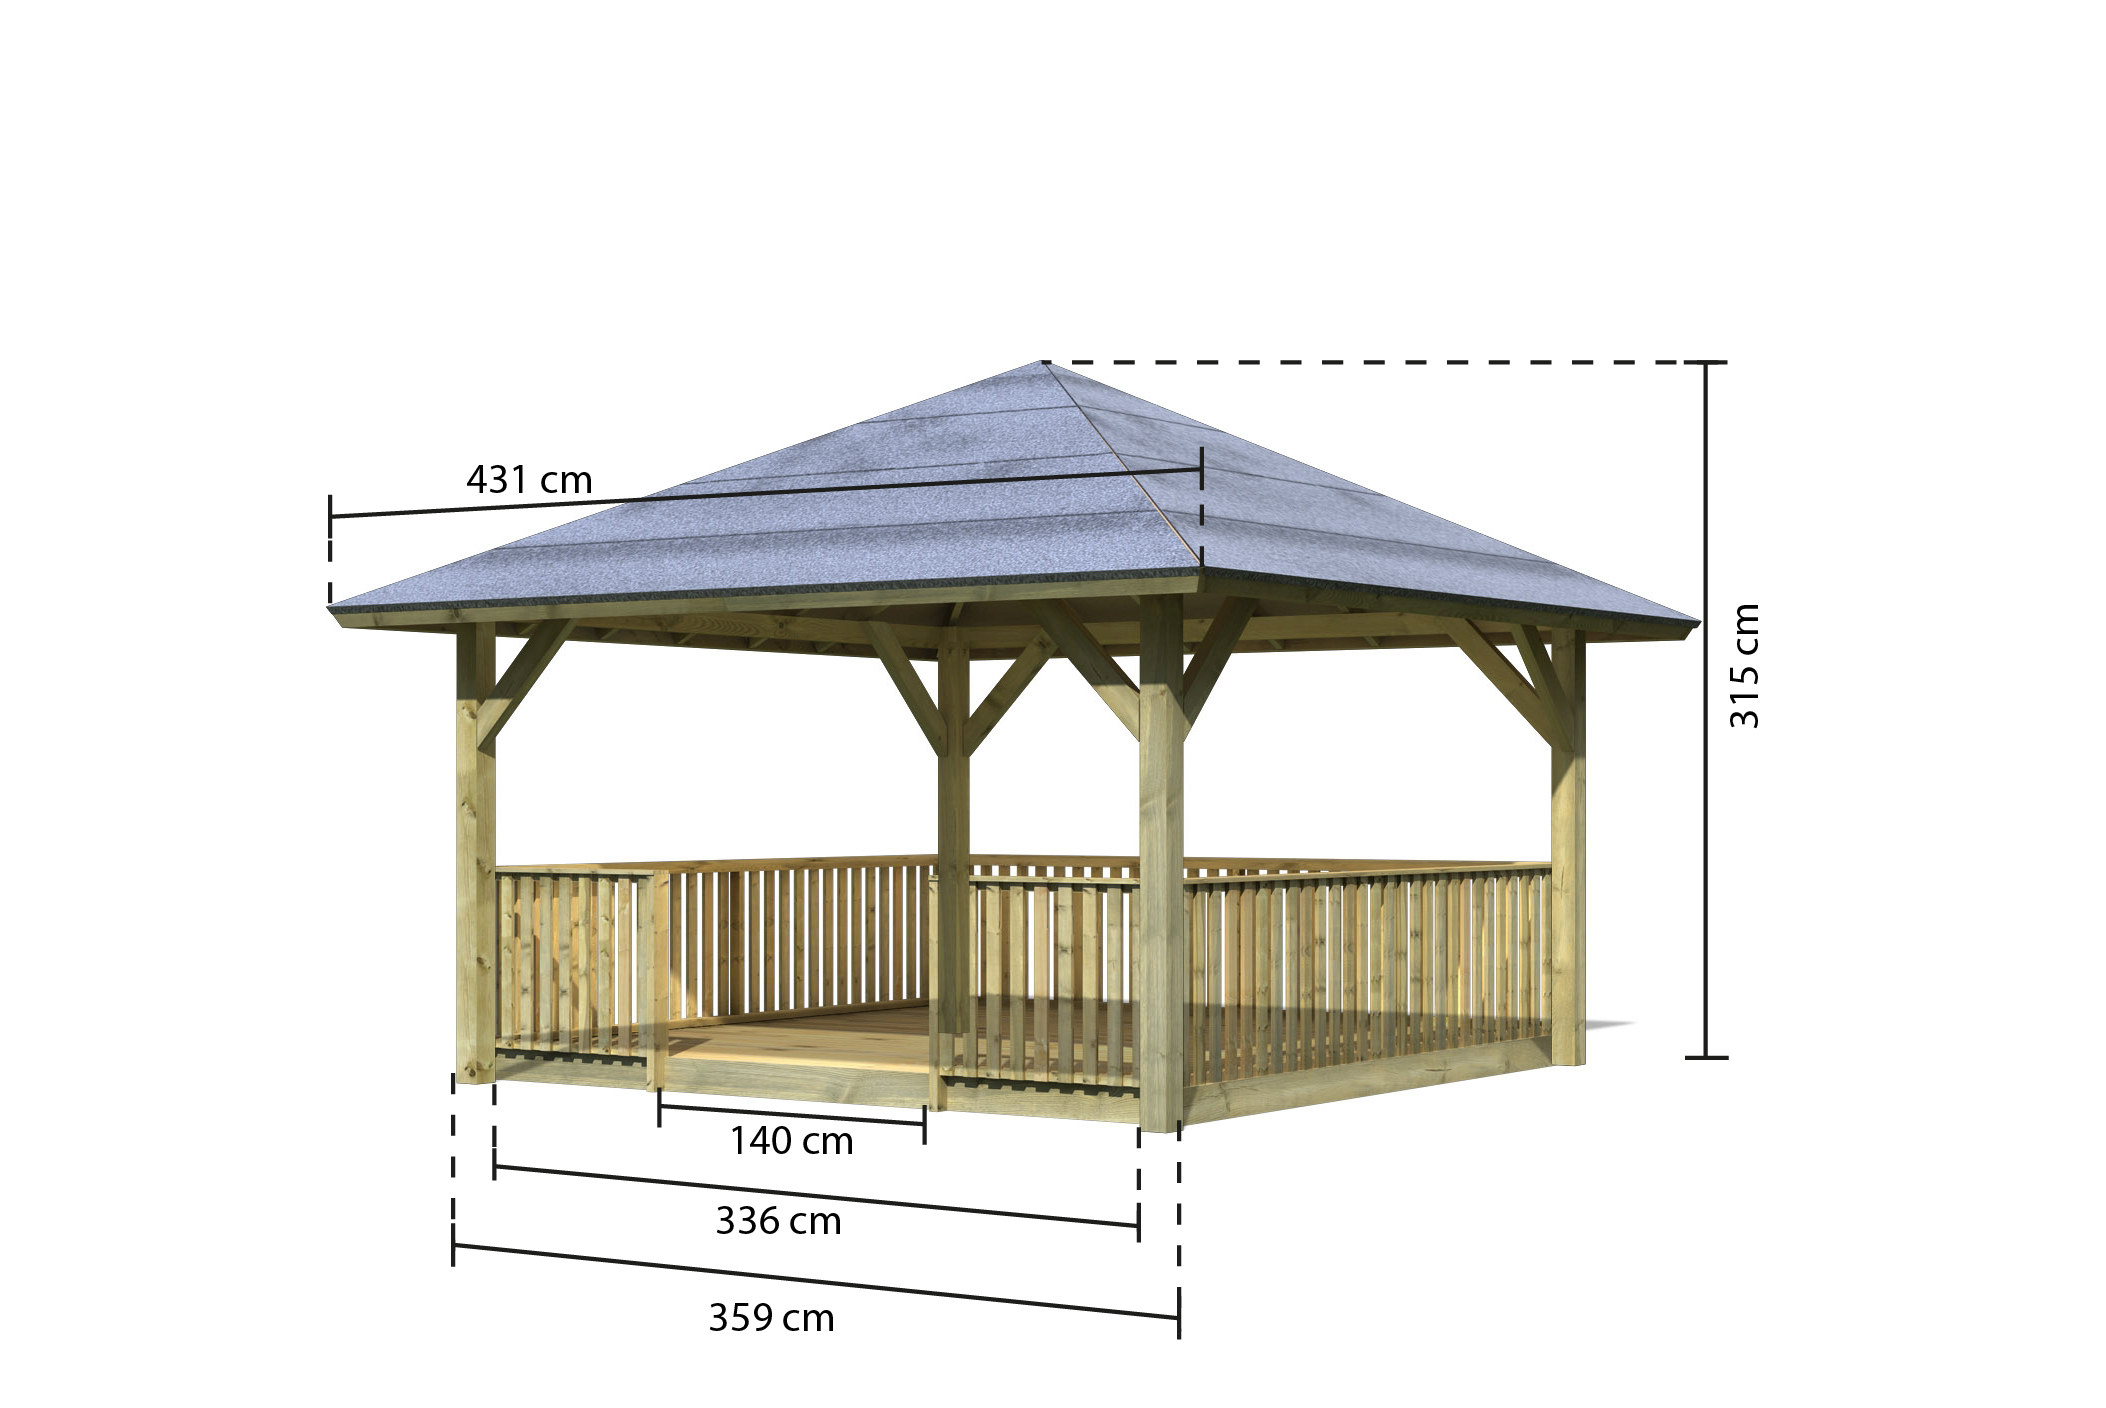 tonnelle bois holm 1 balustrade et plancher karibu